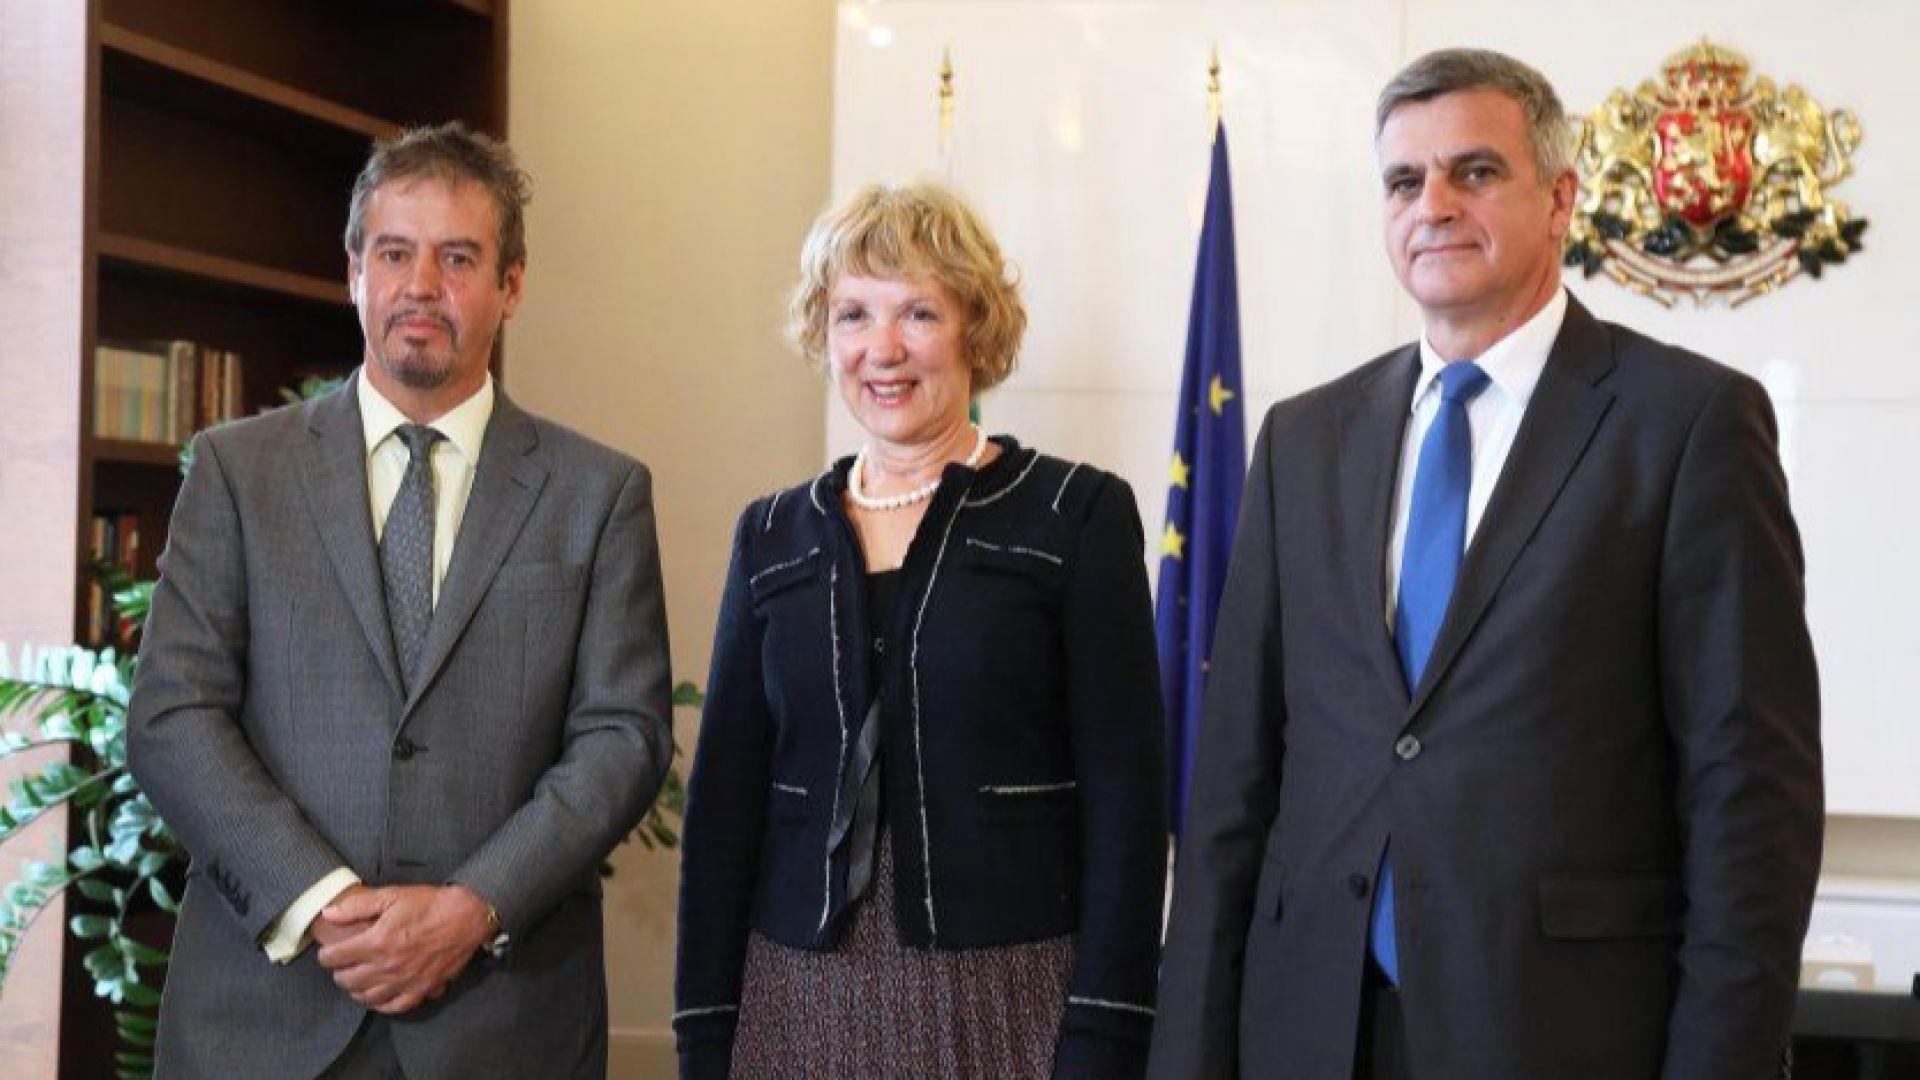 Премиерът Янев говори за корупцията с посланиците на Белгия и Нидерландия